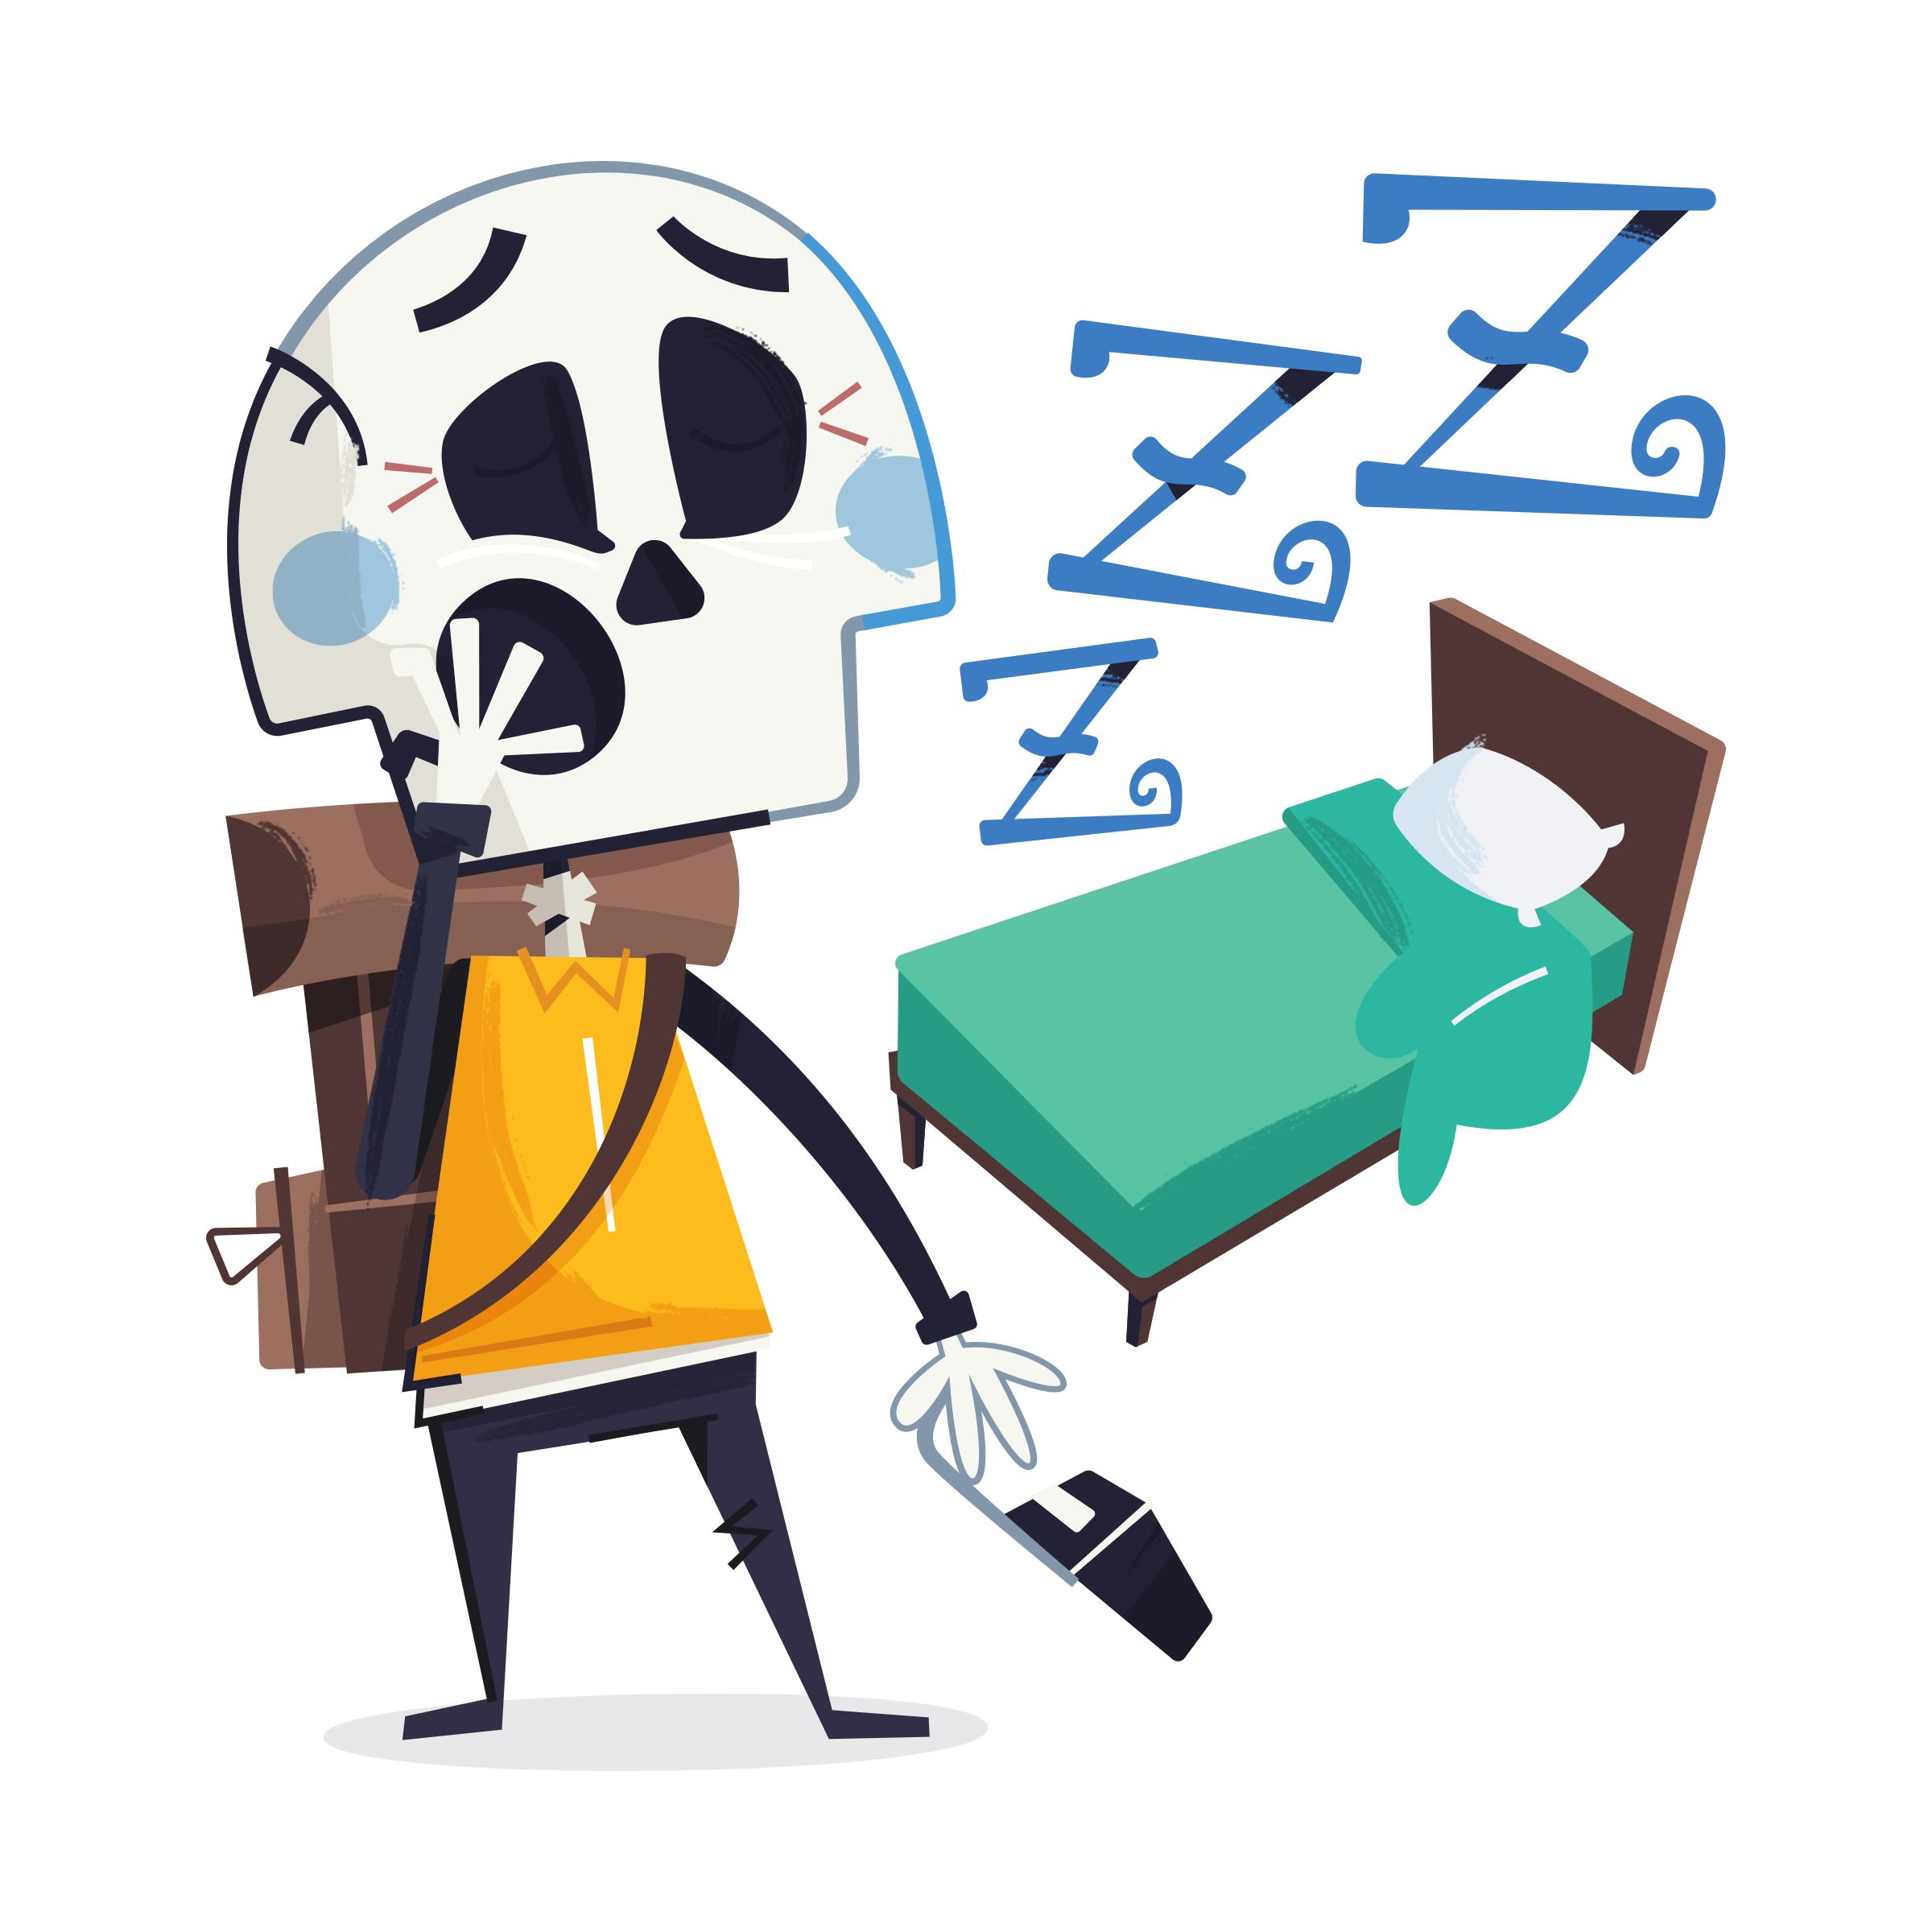 Wake up, tired. Yawnnn